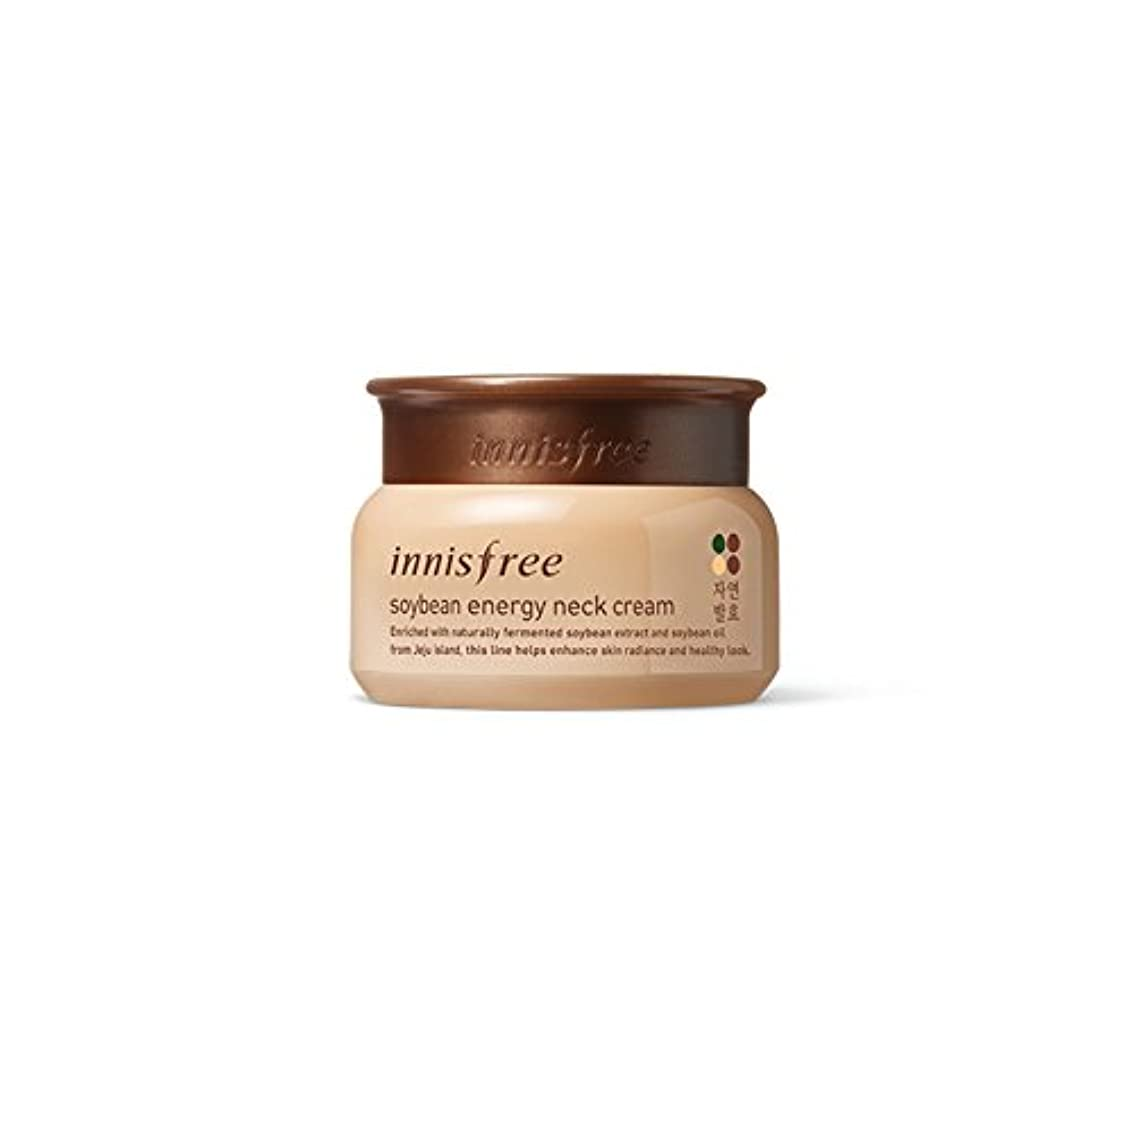 [イニスフリー] Innisfree 発酵大豆エネジネッククリーム (80ml) Innisfree Soy Bean Energy Neck Cream (80ml) [海外直送品]